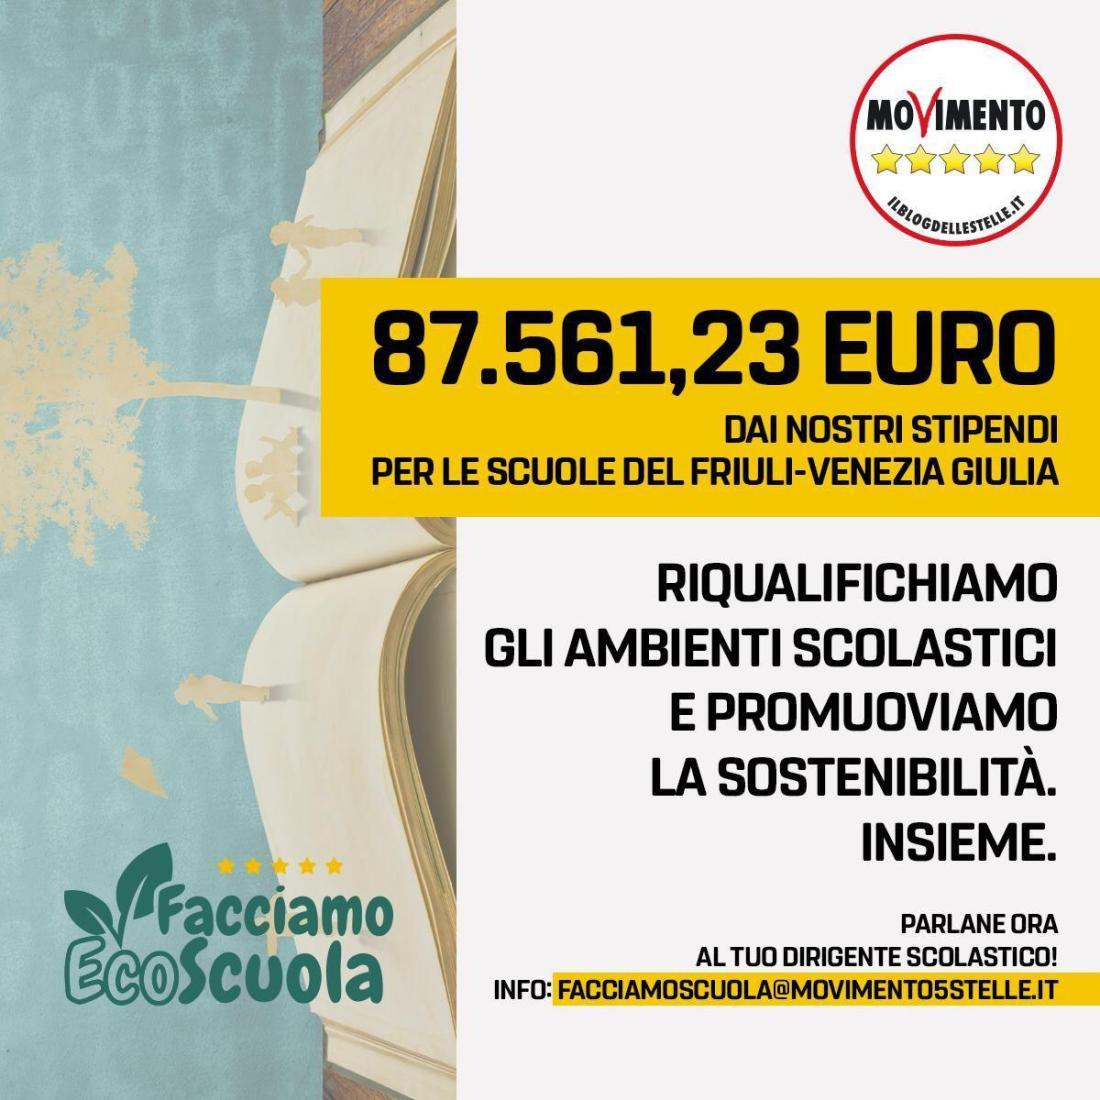 """facciamo ecoscuola - ?""""FACCIAMO ECOSCUOLA"""" IN FVG: OLTRE 87 MILA EURO DAGLI ELETTI DEL M5S"""